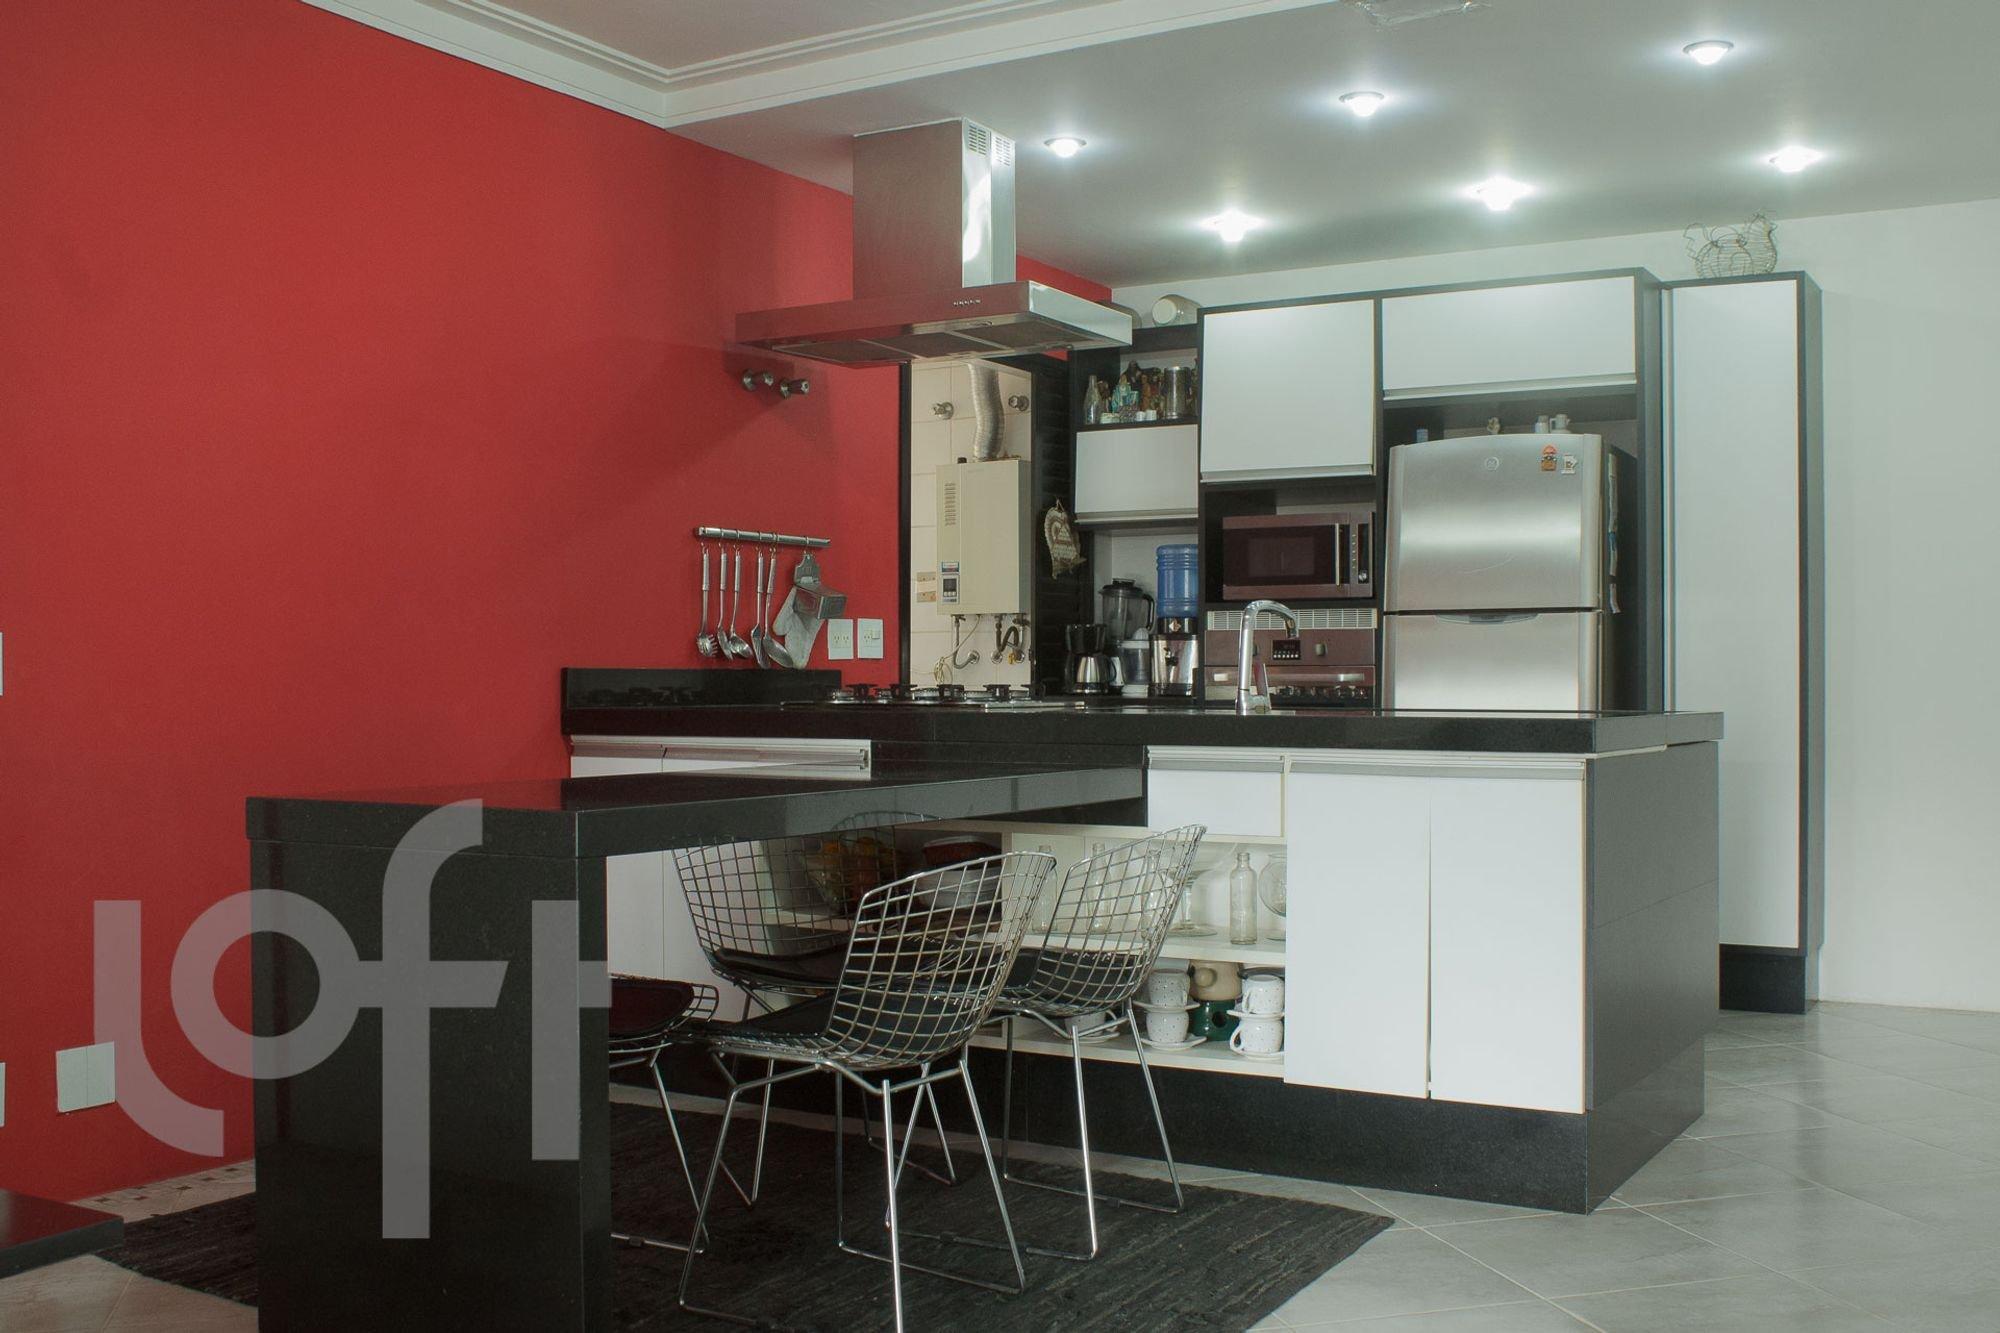 Foto de Cozinha com geladeira, cadeira, microondas